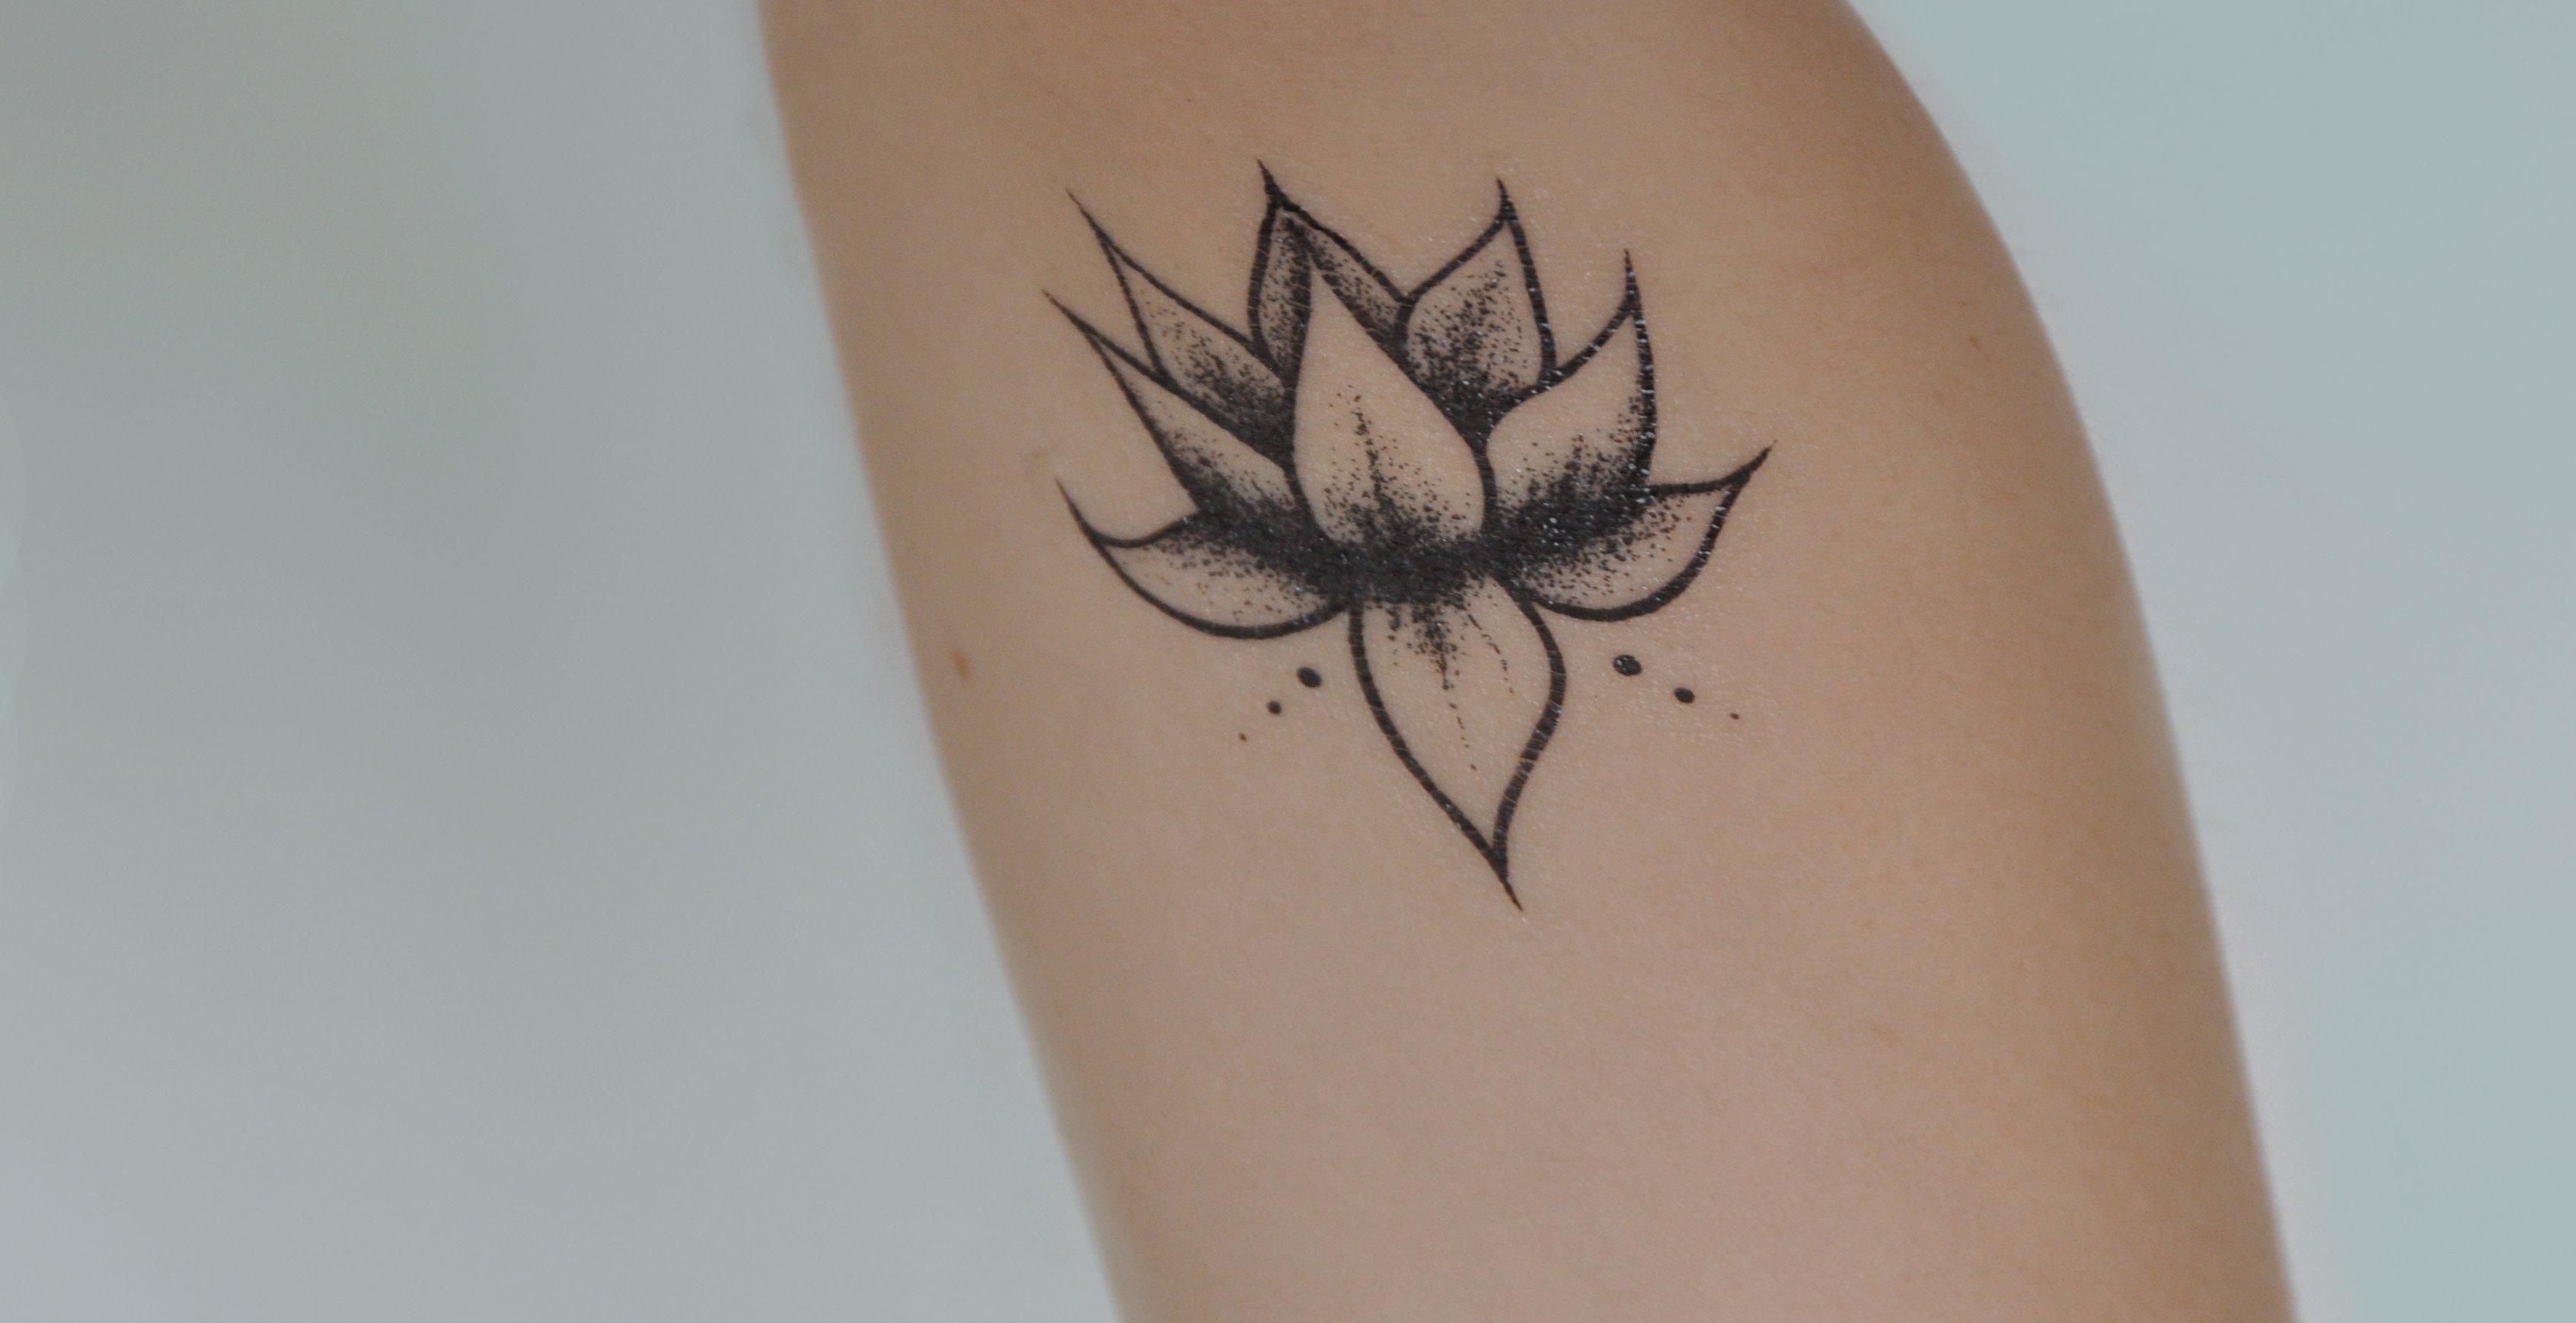 Kleine Blumen Tattoos alletattoo.de 23